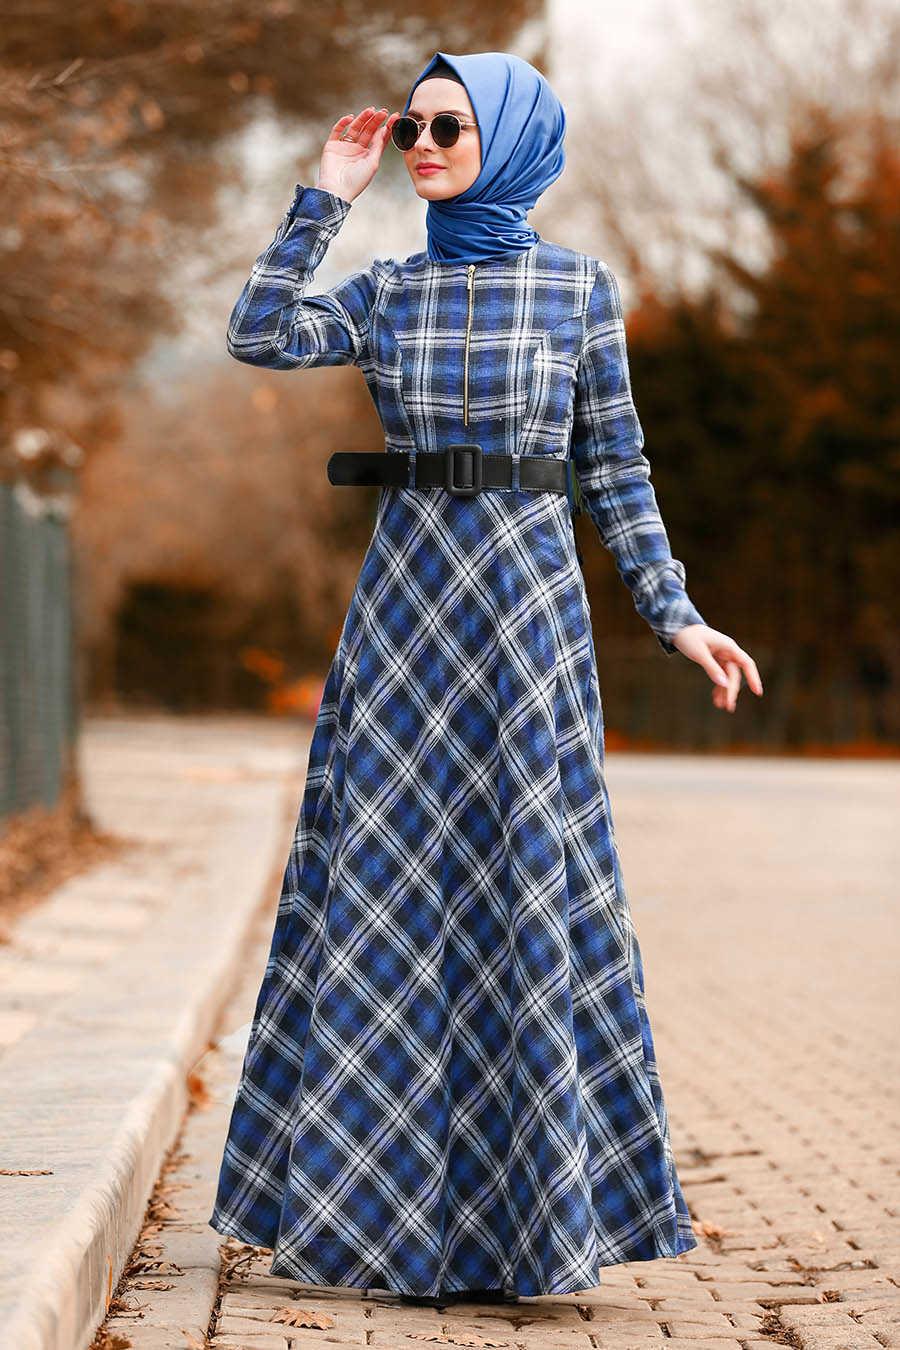 Fermuar Detaylı Ekoseli Sax Mavisi Tesettür Elbise 8387SX